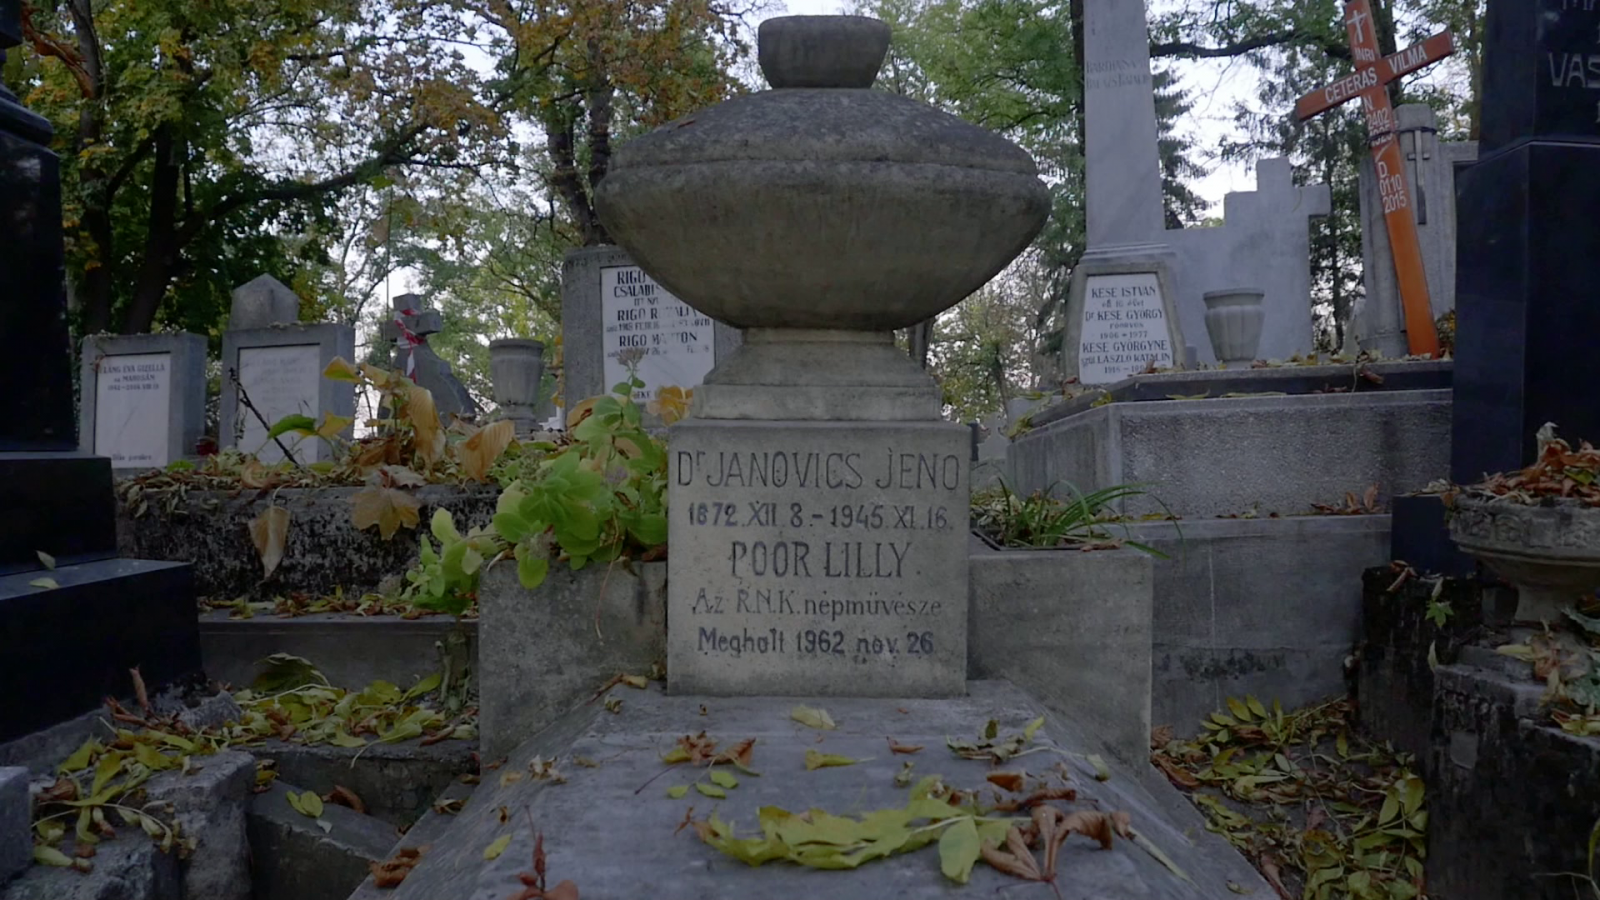 Janovics Jenő és Poór Lili sírja a Házsongárdi temetőben